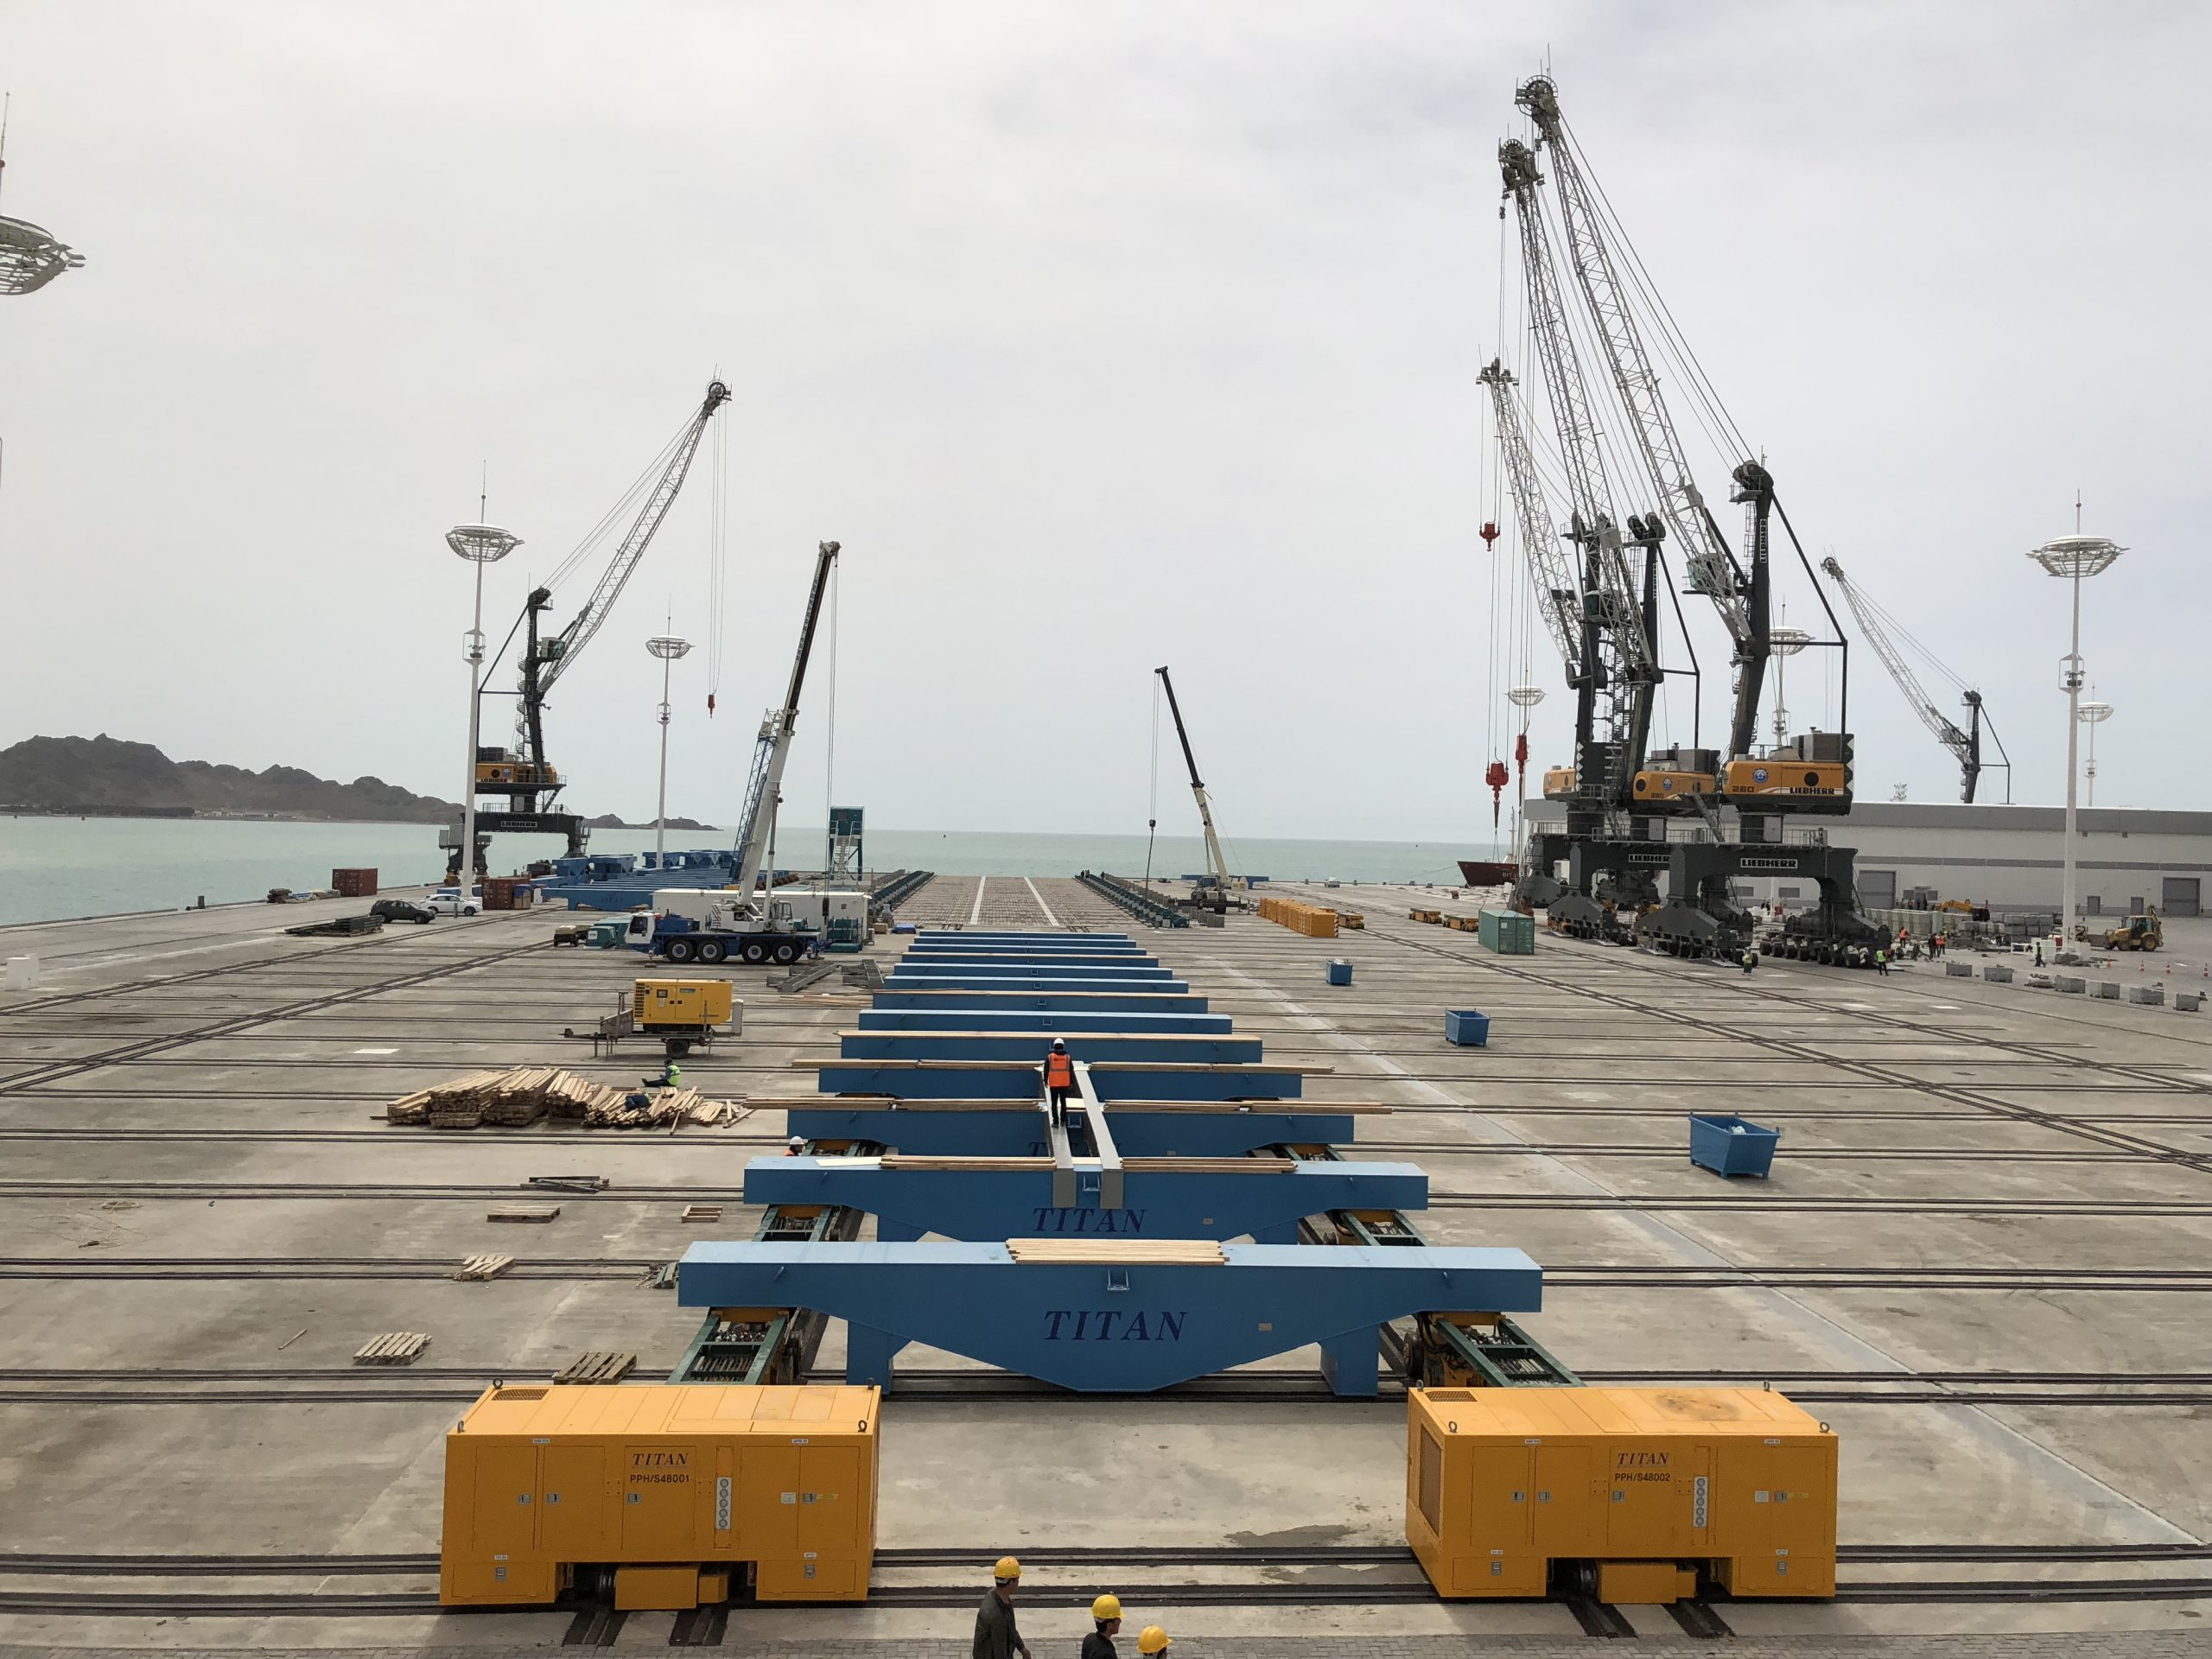 Uluslararası Türkmenbaşı Liman Projesi – Shiplift D60 Ahşap Kaplanması, Ray Crossing Montaj Ve Kaynak İşleri